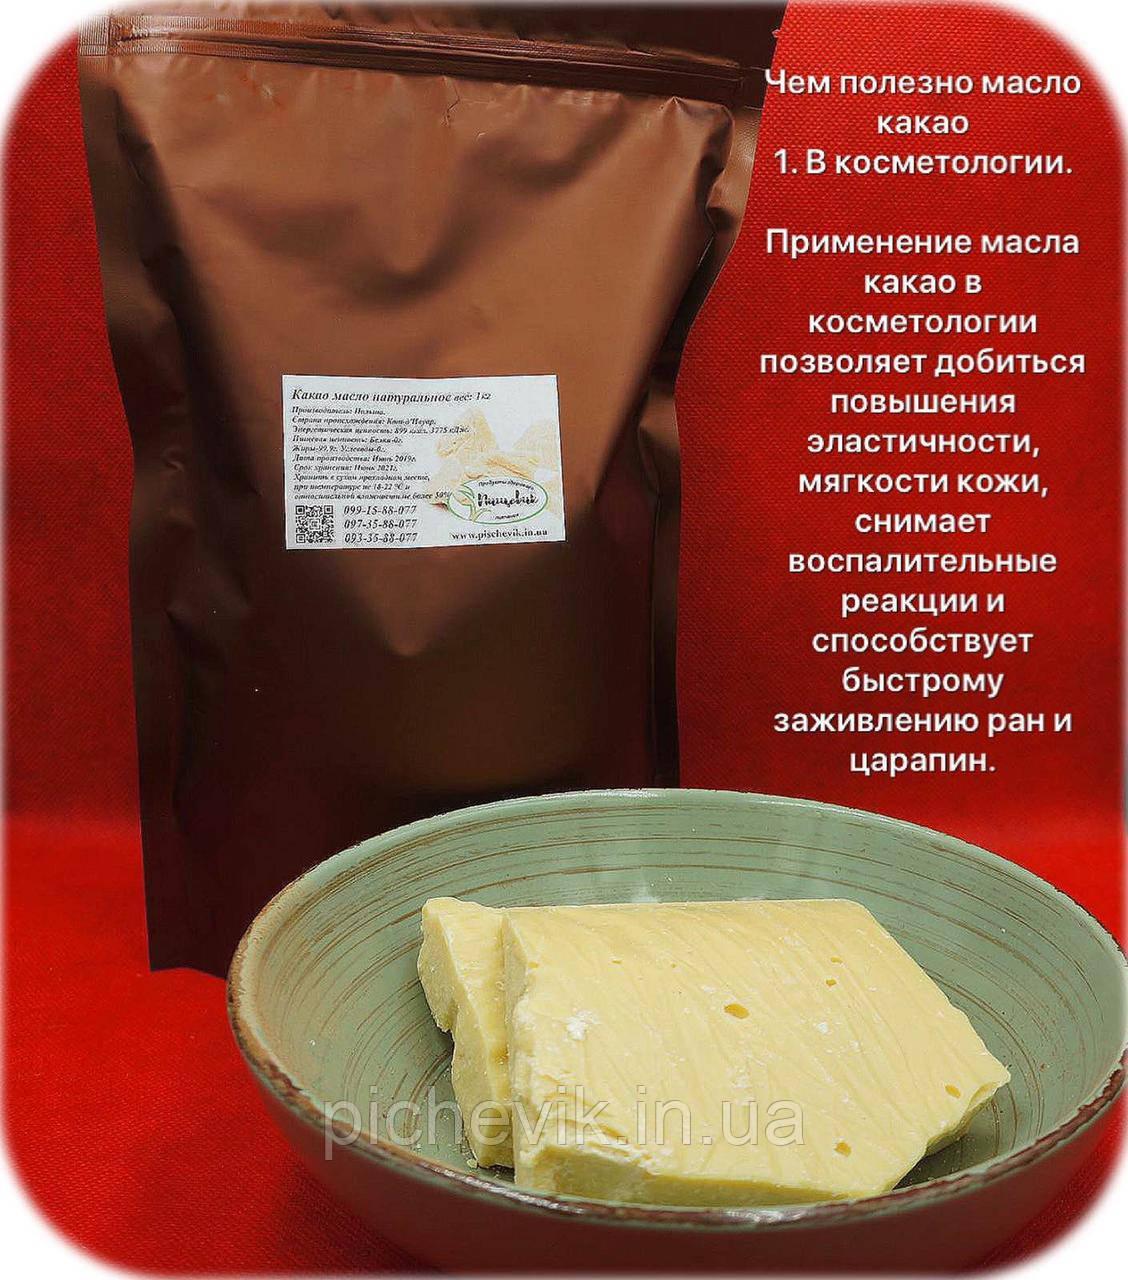 Какао масло натуральное (Польша) вес:500грамм.